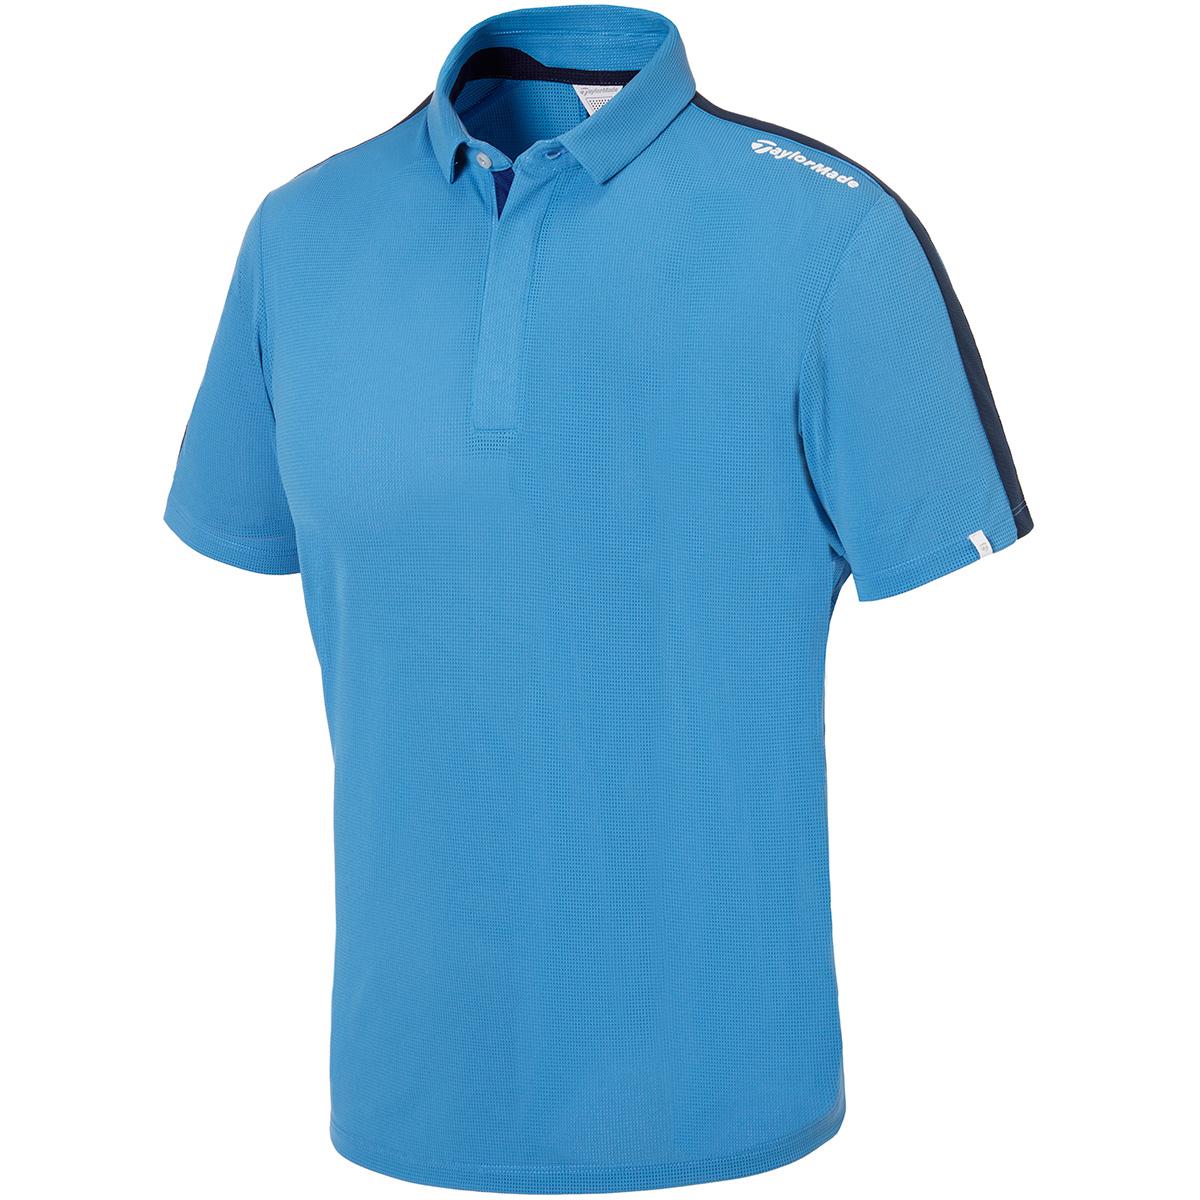 ストレッチ ベンチレーティッドラインド 半袖ポロシャツ